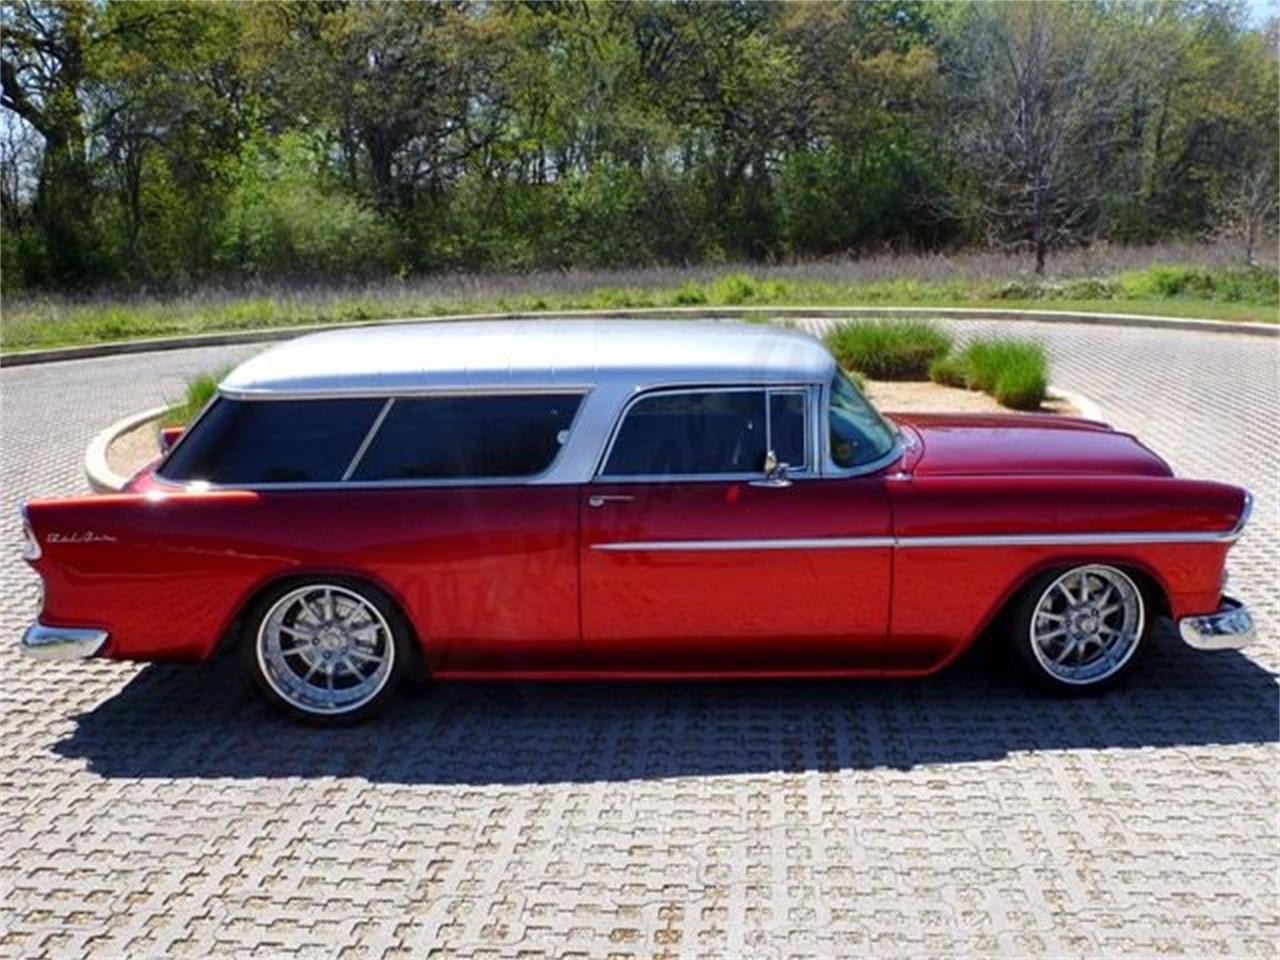 Enterprise Cars For Sale >> 1955 Chevrolet Nomad for Sale | ClassicCars.com | CC-806667